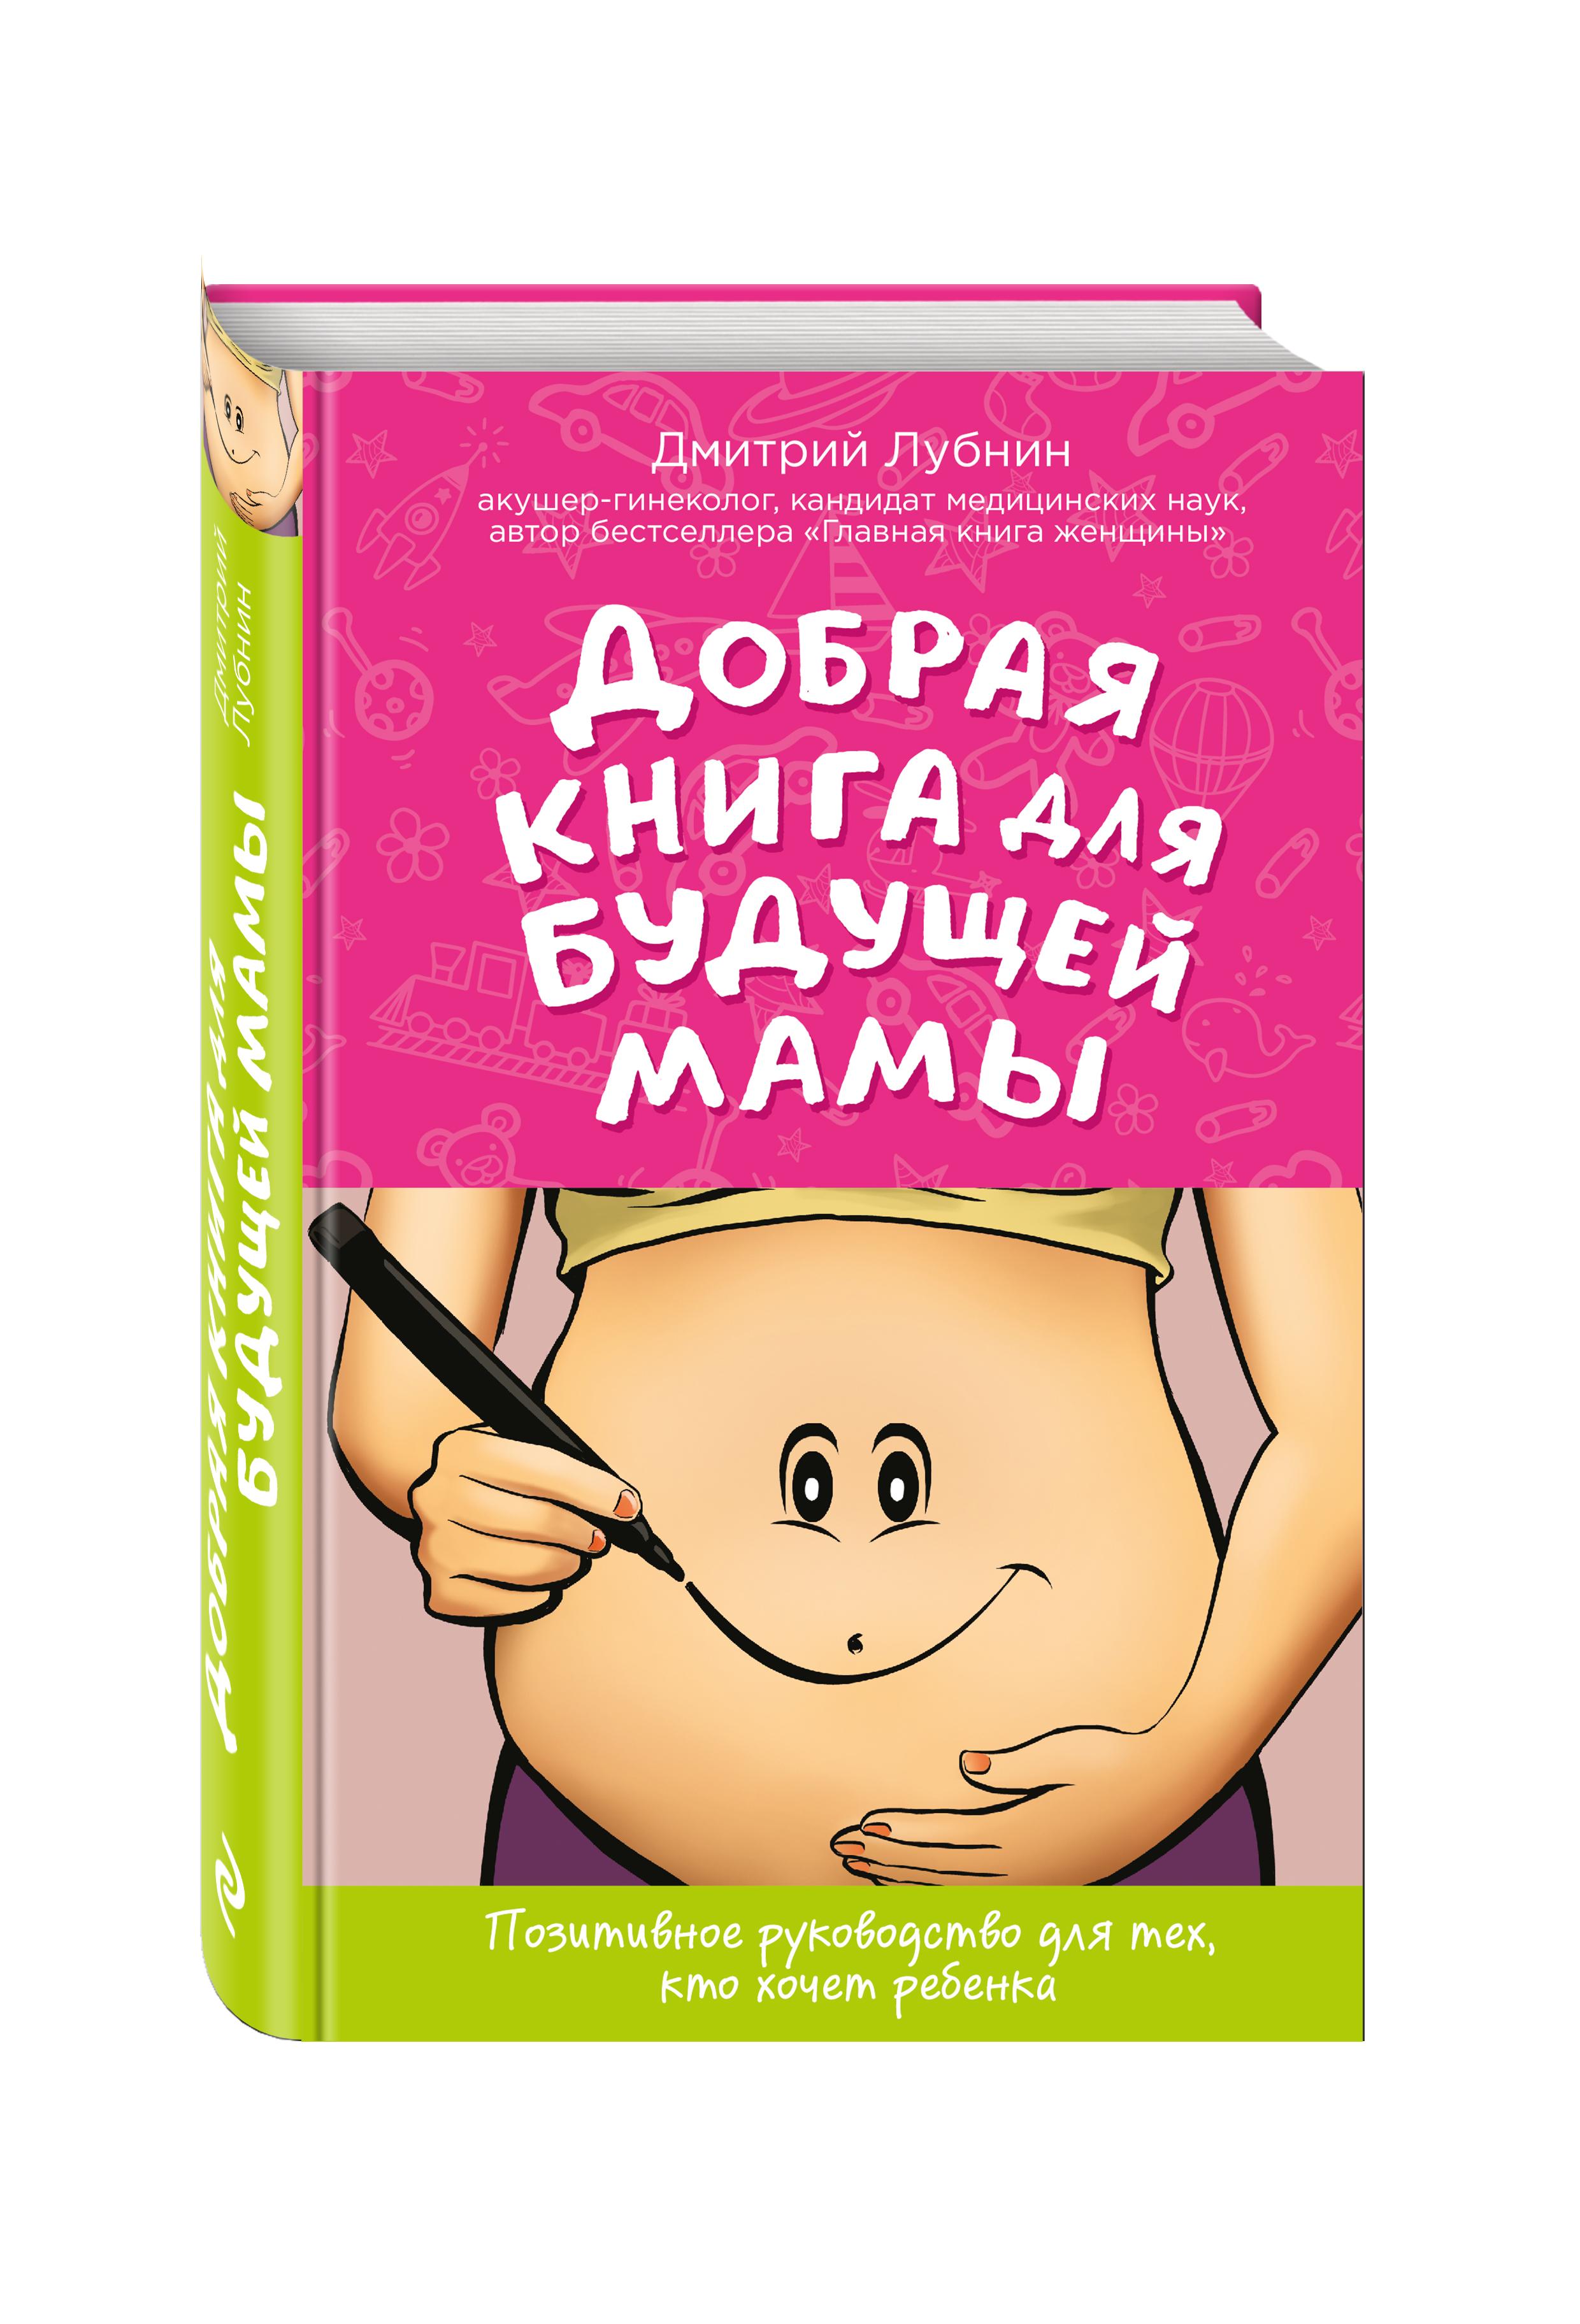 Лубнин Дмитрий Михайлович Добрая книга для будущей мамы. Календарь беременности в подарок лубнин д м добрая книга для будущей мамы позитивное руководство для тех кто хочет ребенка